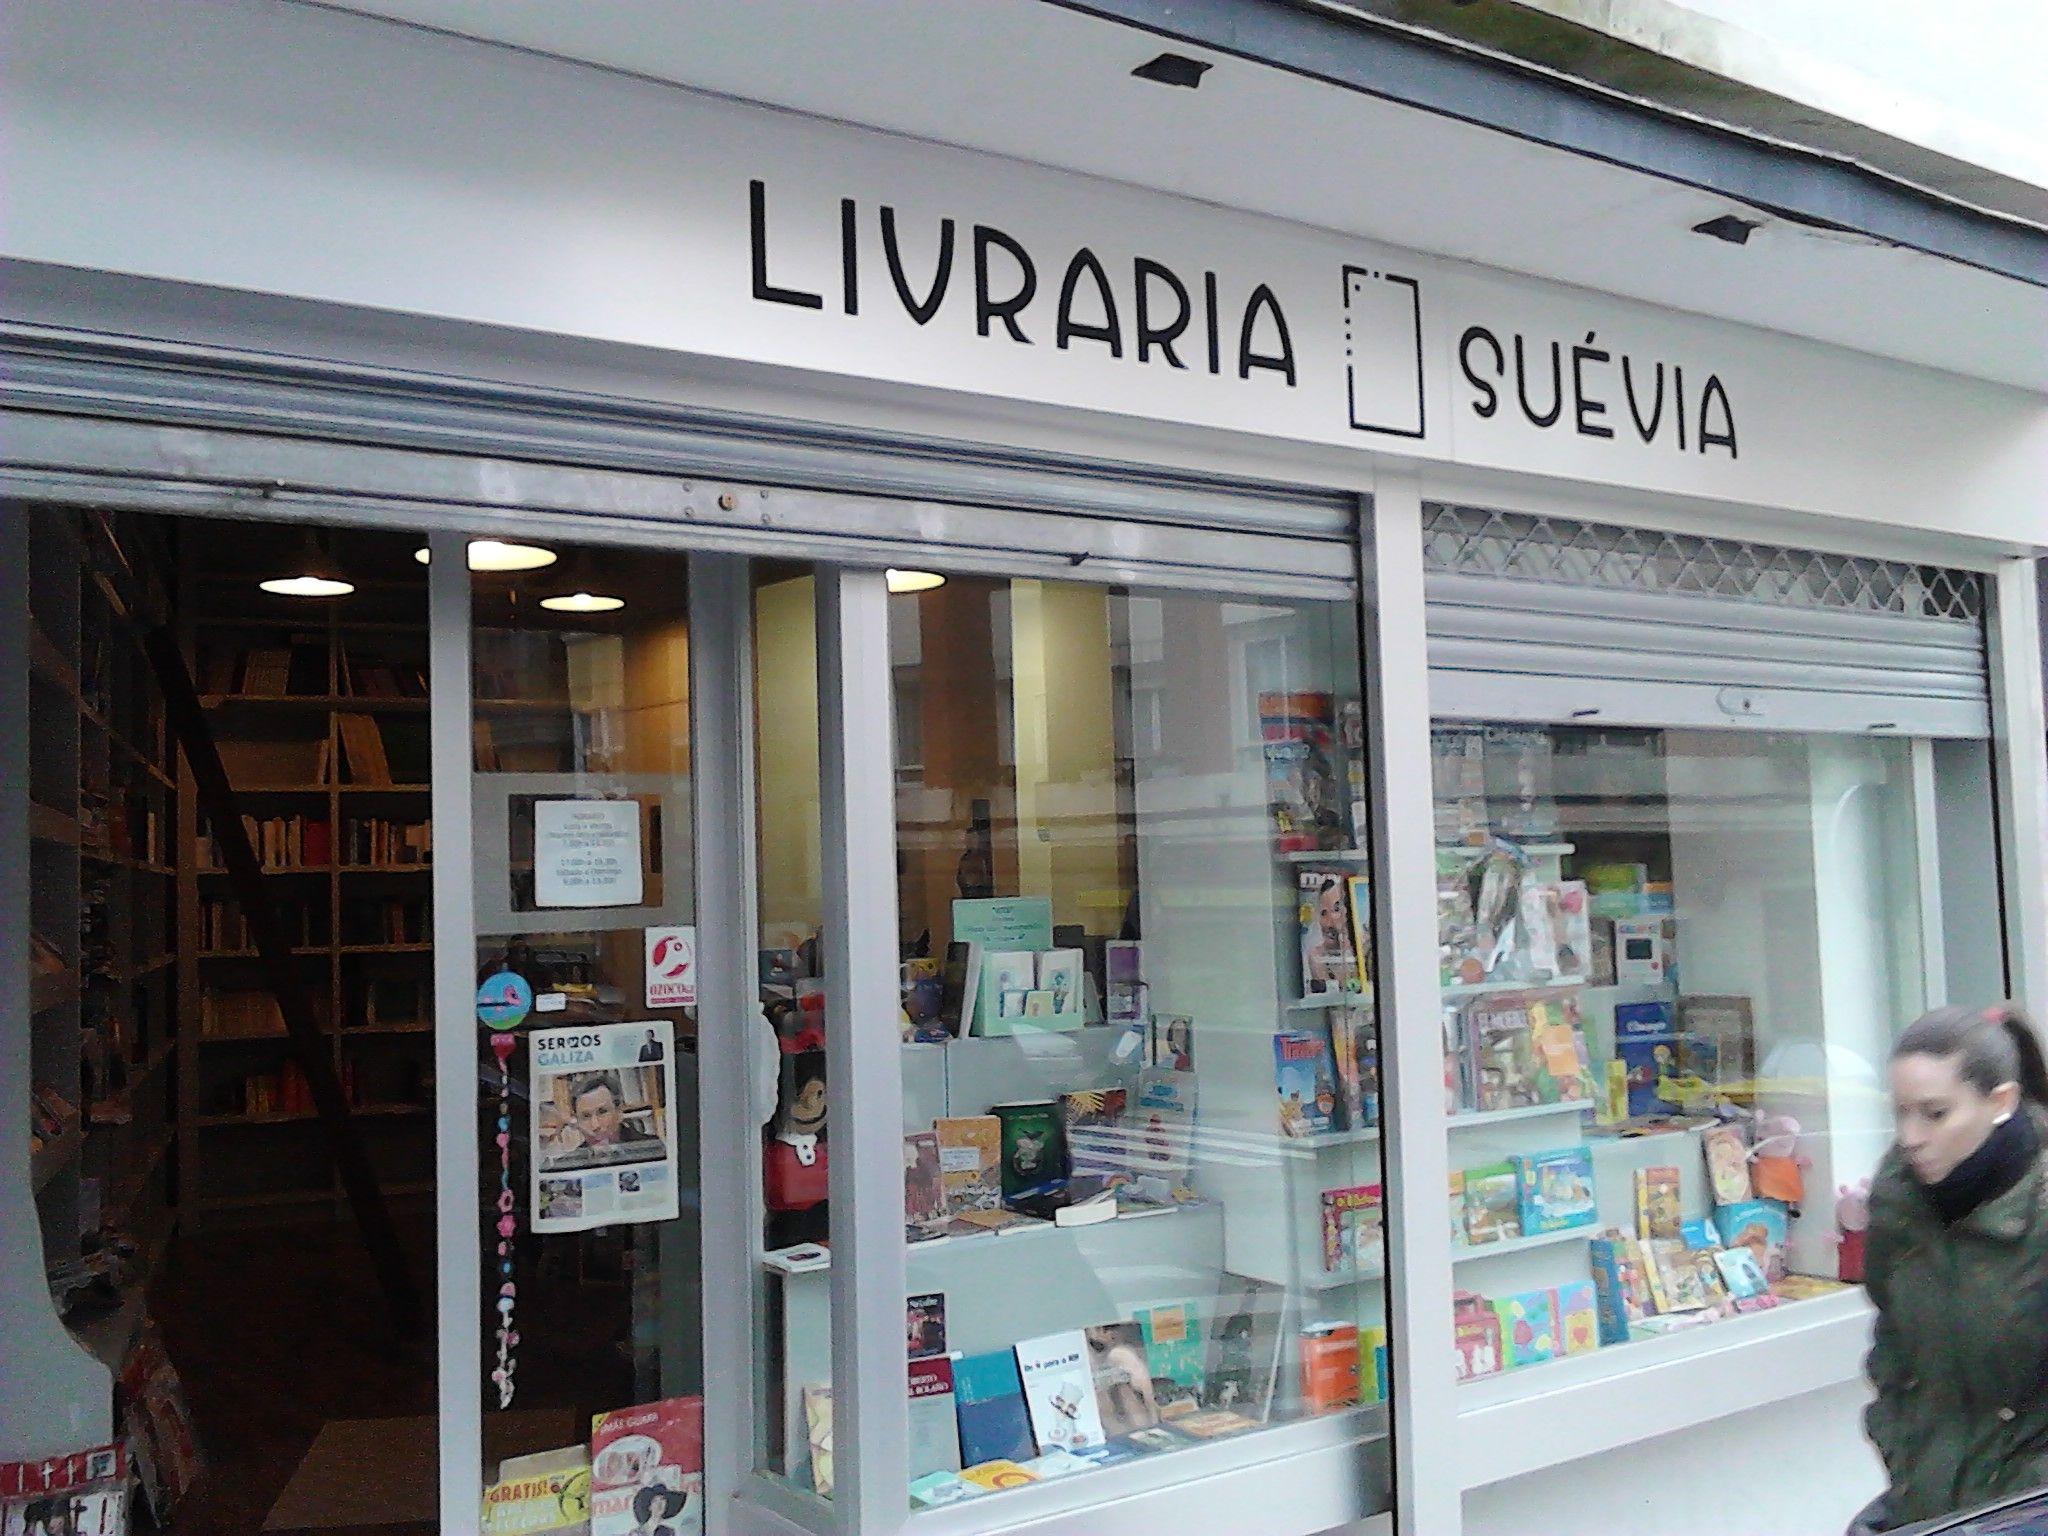 Vila Morena - Libraría Suévia, A Corunha.